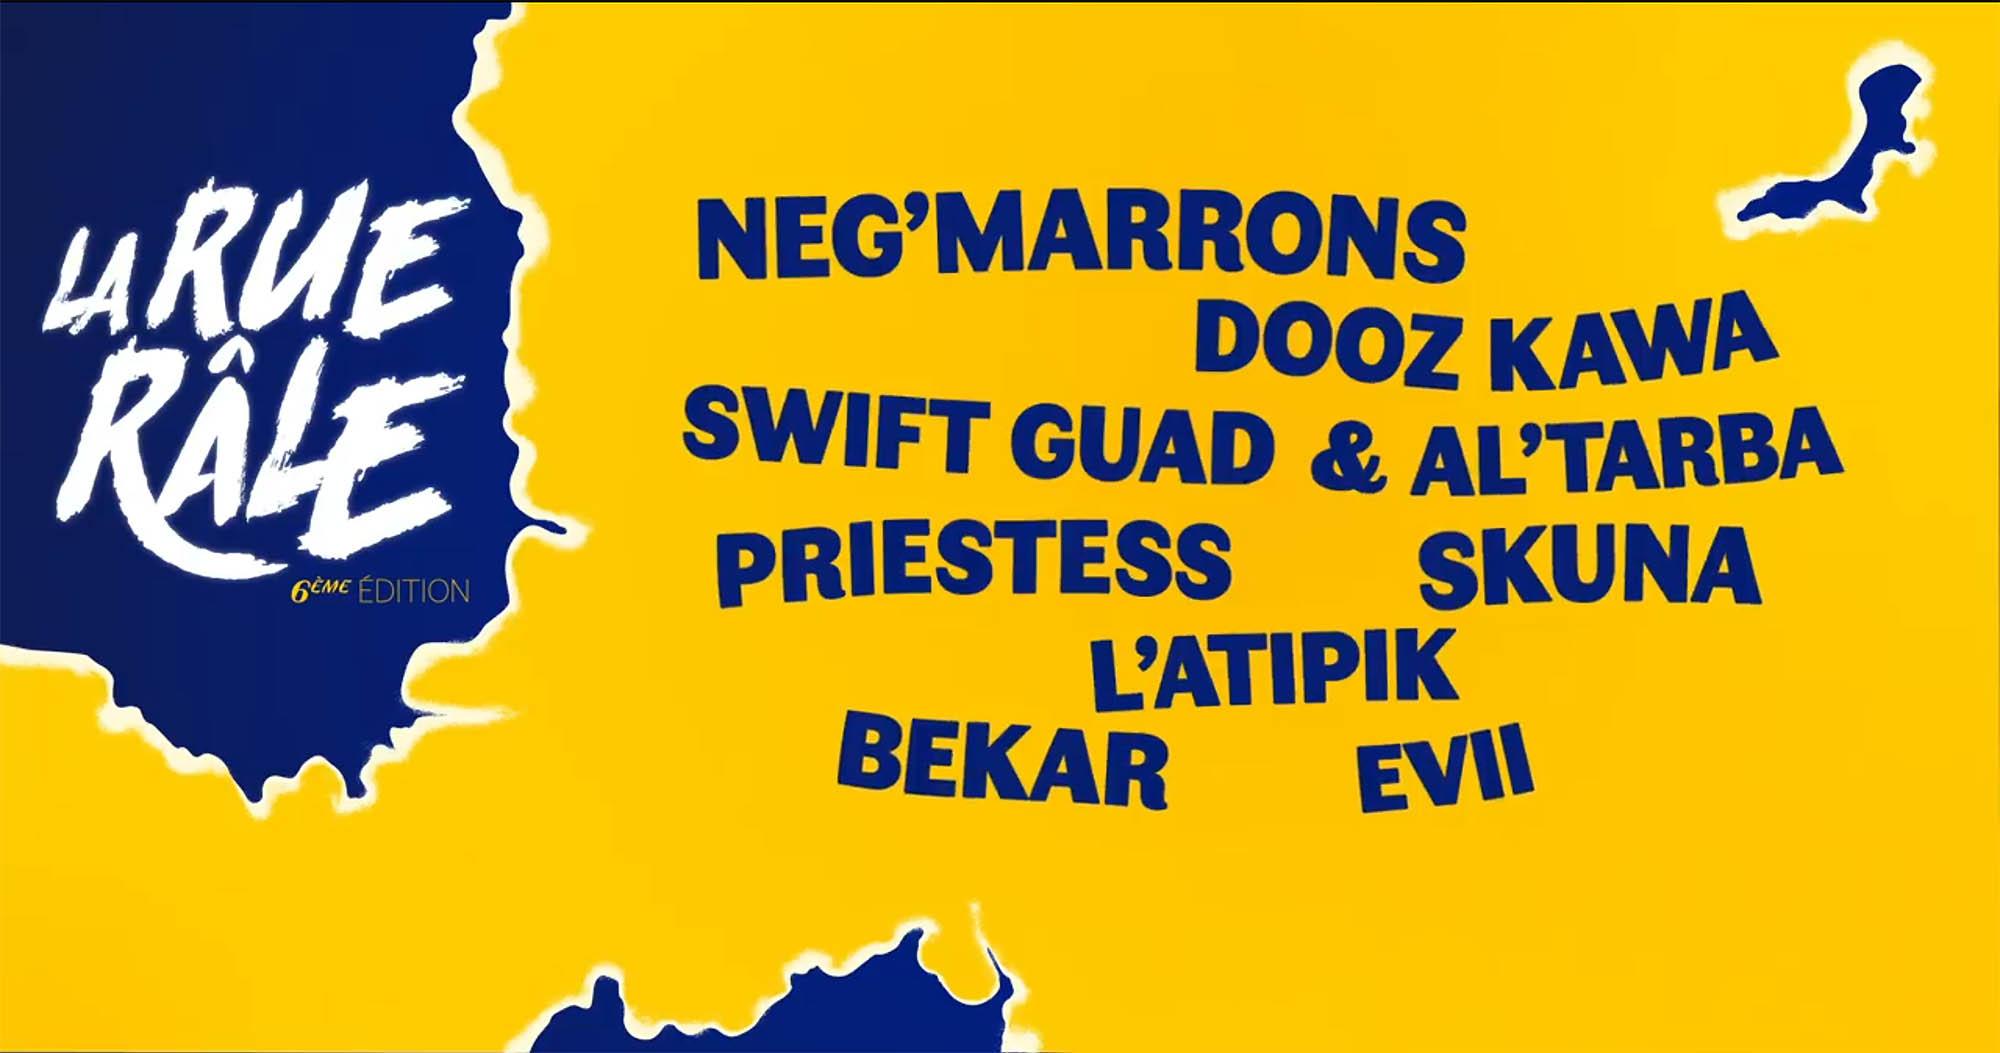 festival-la-rue-rale-2020